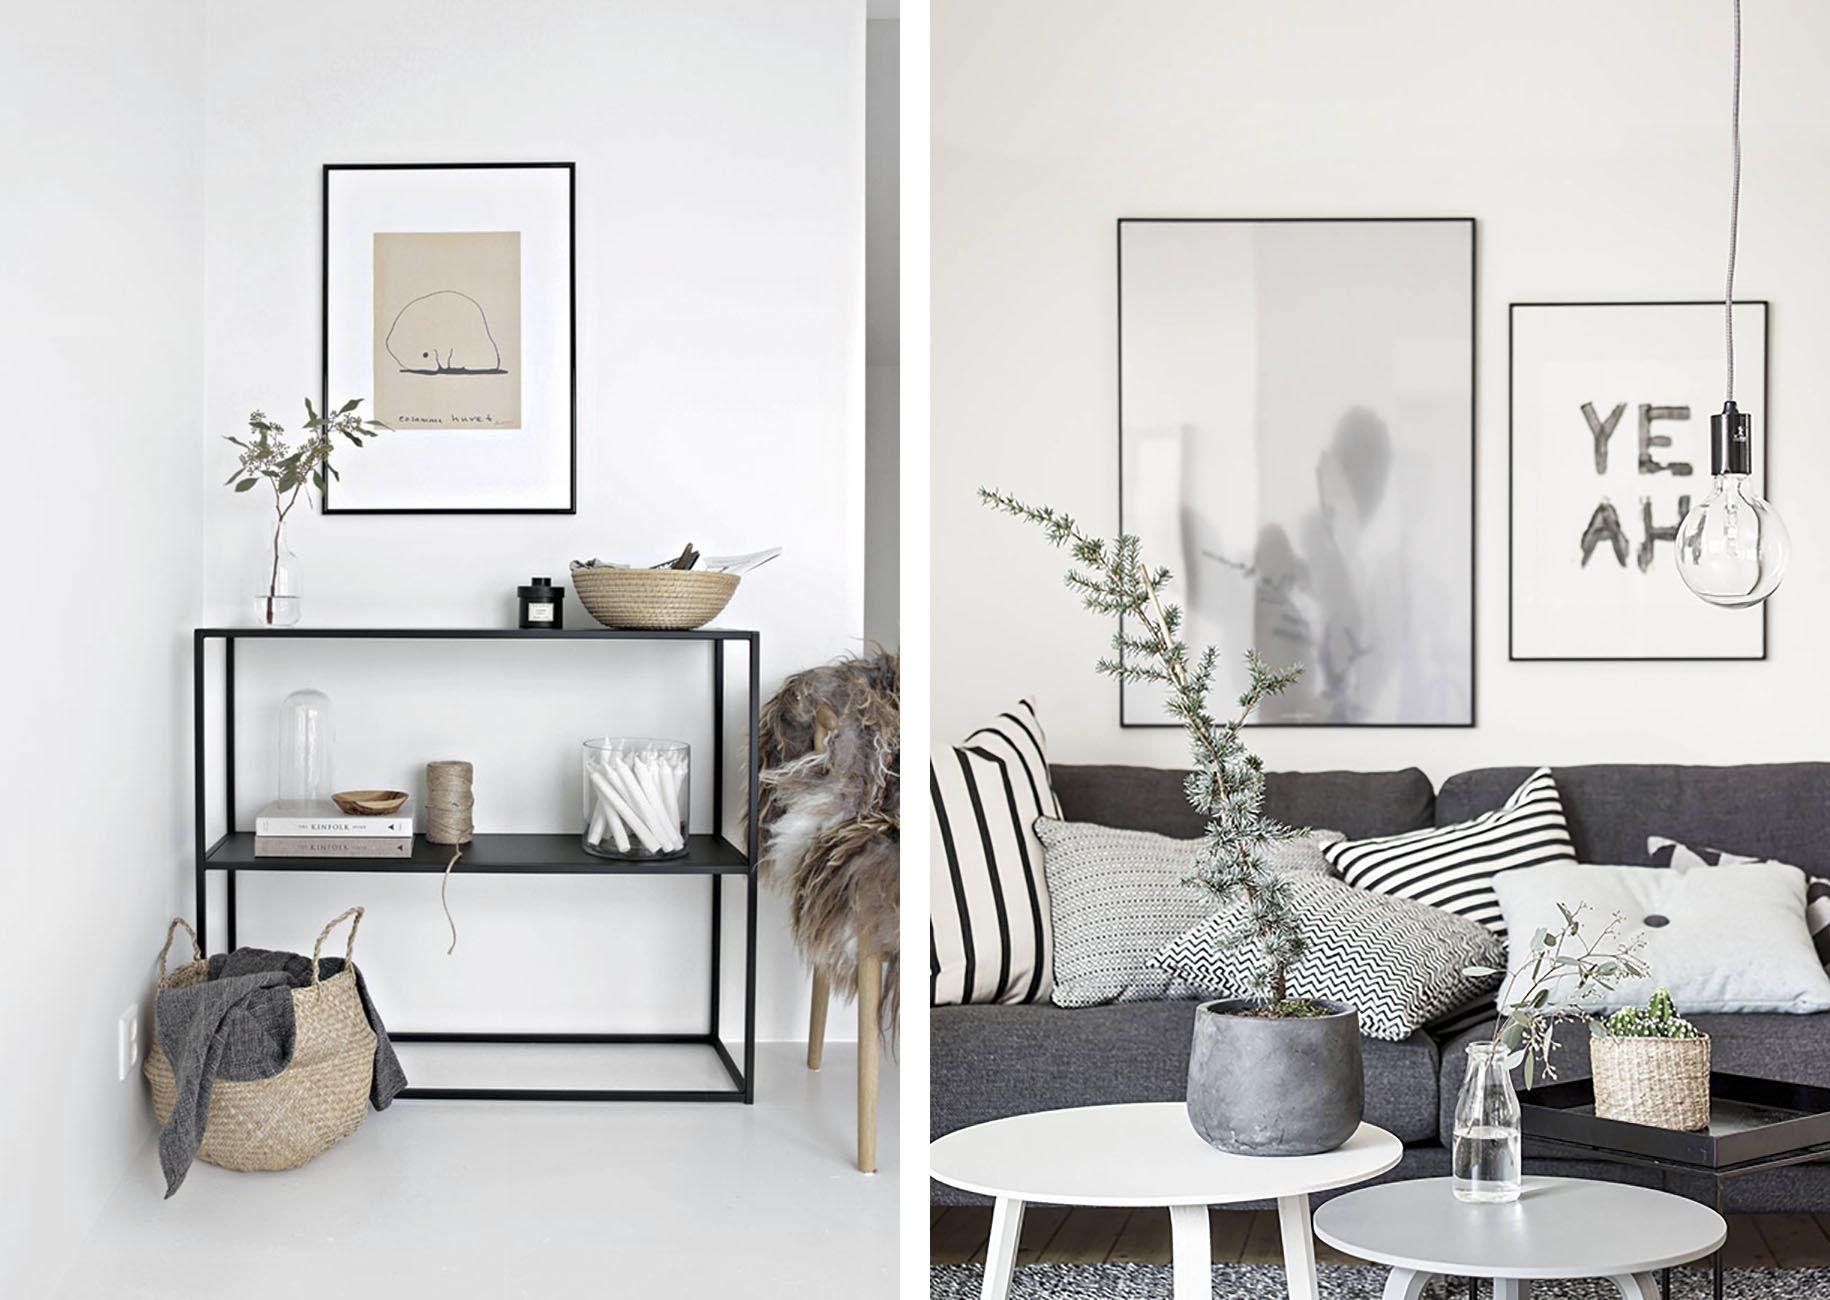 7 Gorgeous Modern Scandinavian Interior Design Ideas | Pinterest ...